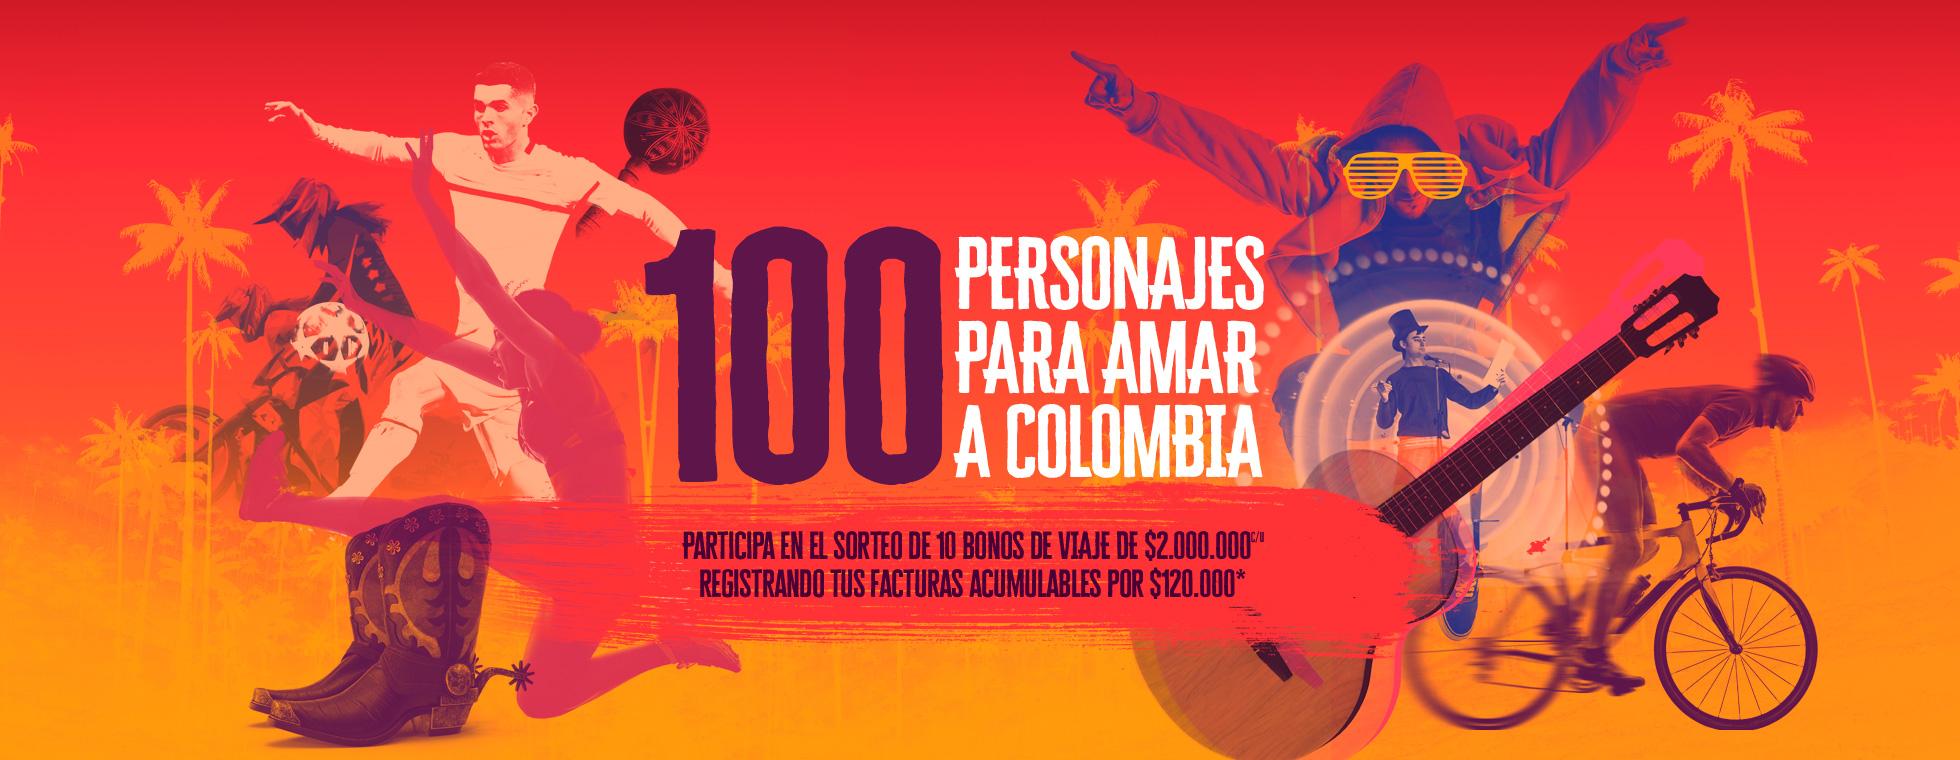 100 PERSONAJES PARA AMAR EN COLOMBIA